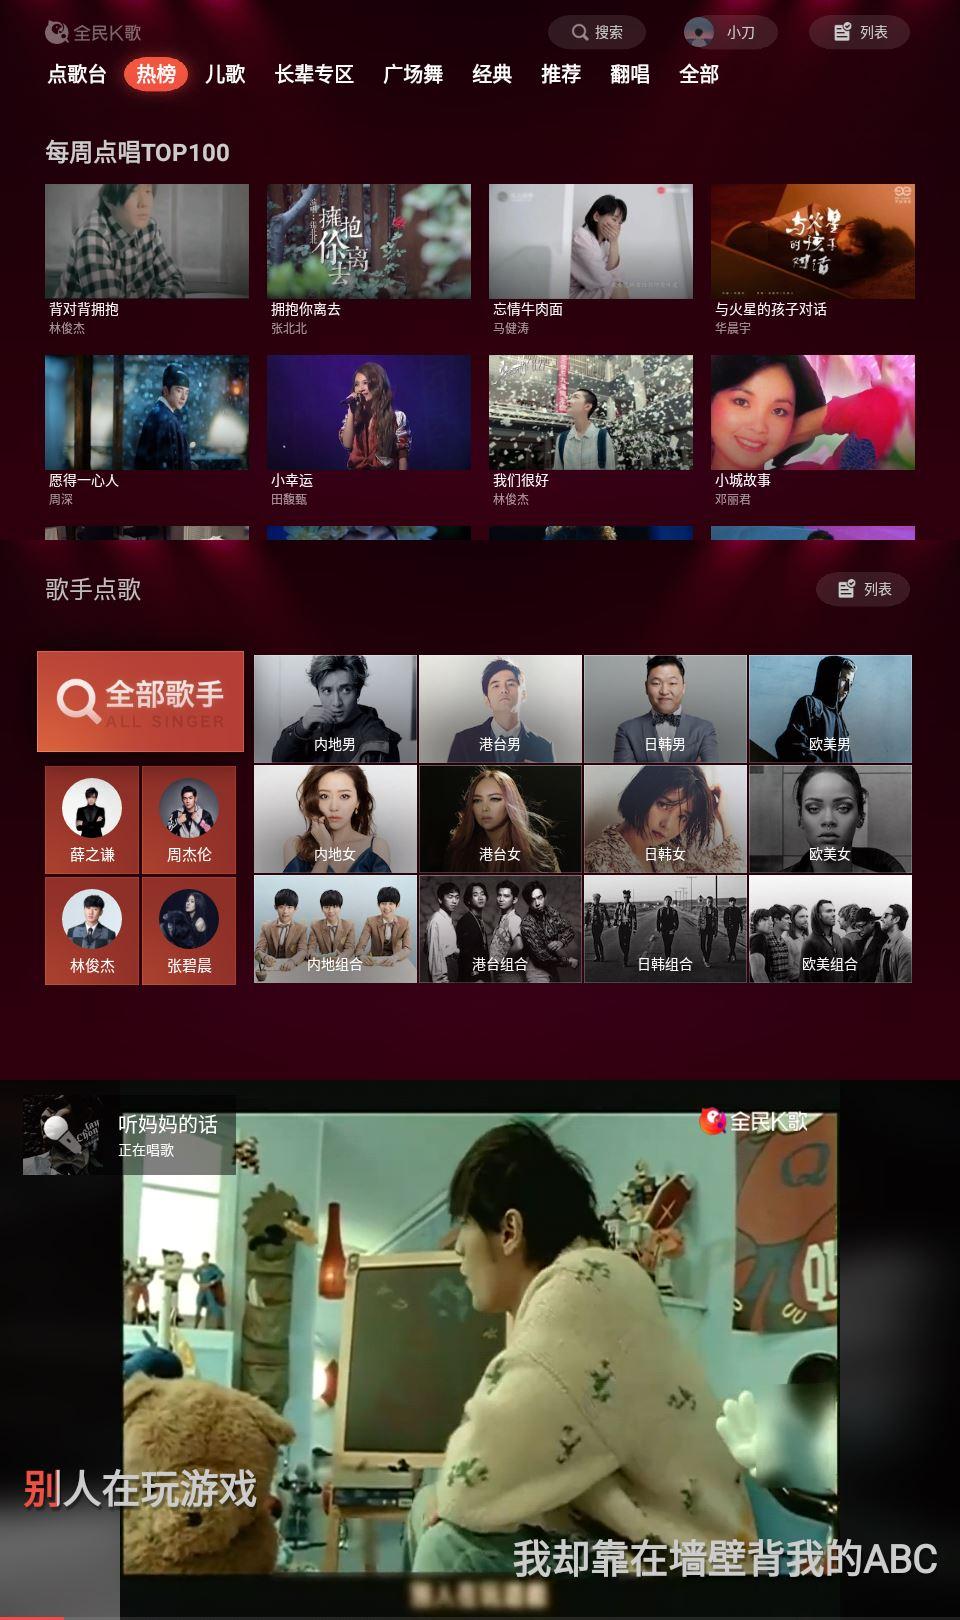 电视版全民K歌v3.9.1绿化版-亿动工作室's Blog